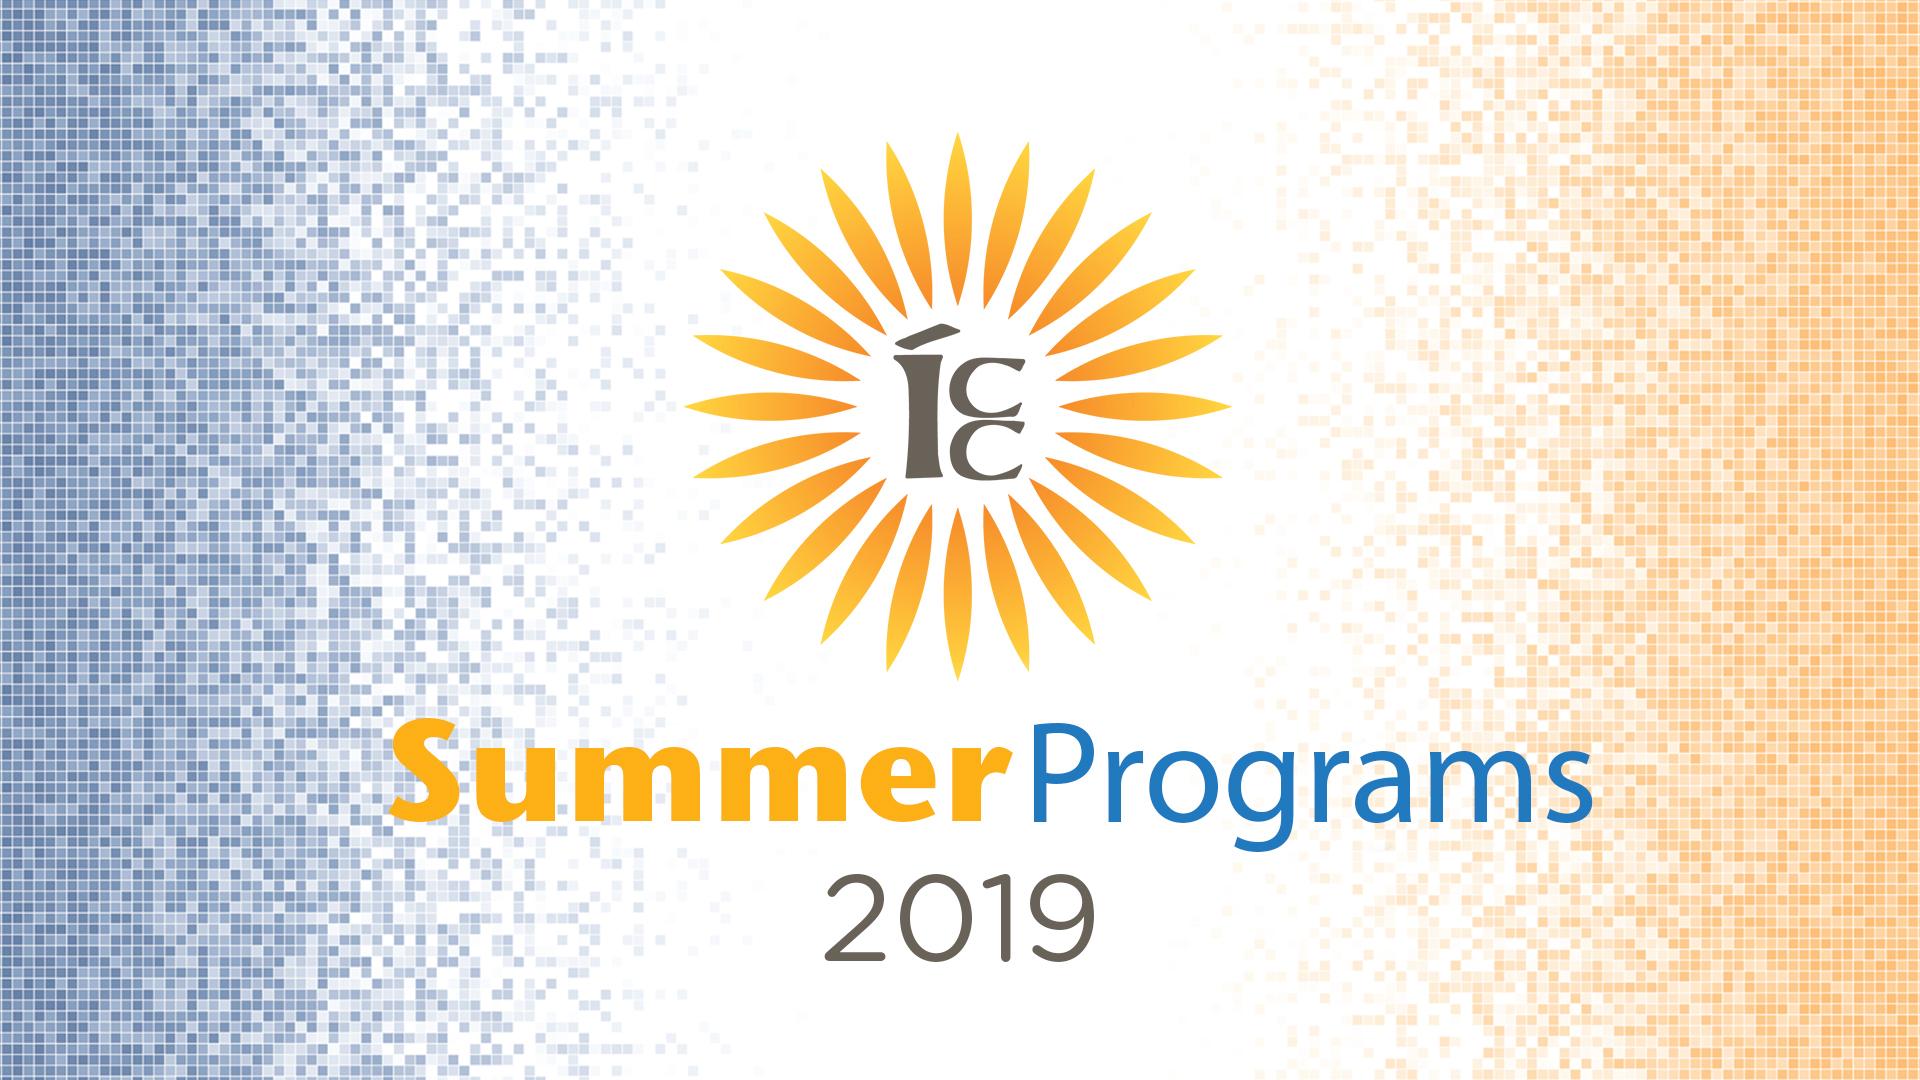 summer-programs-2019